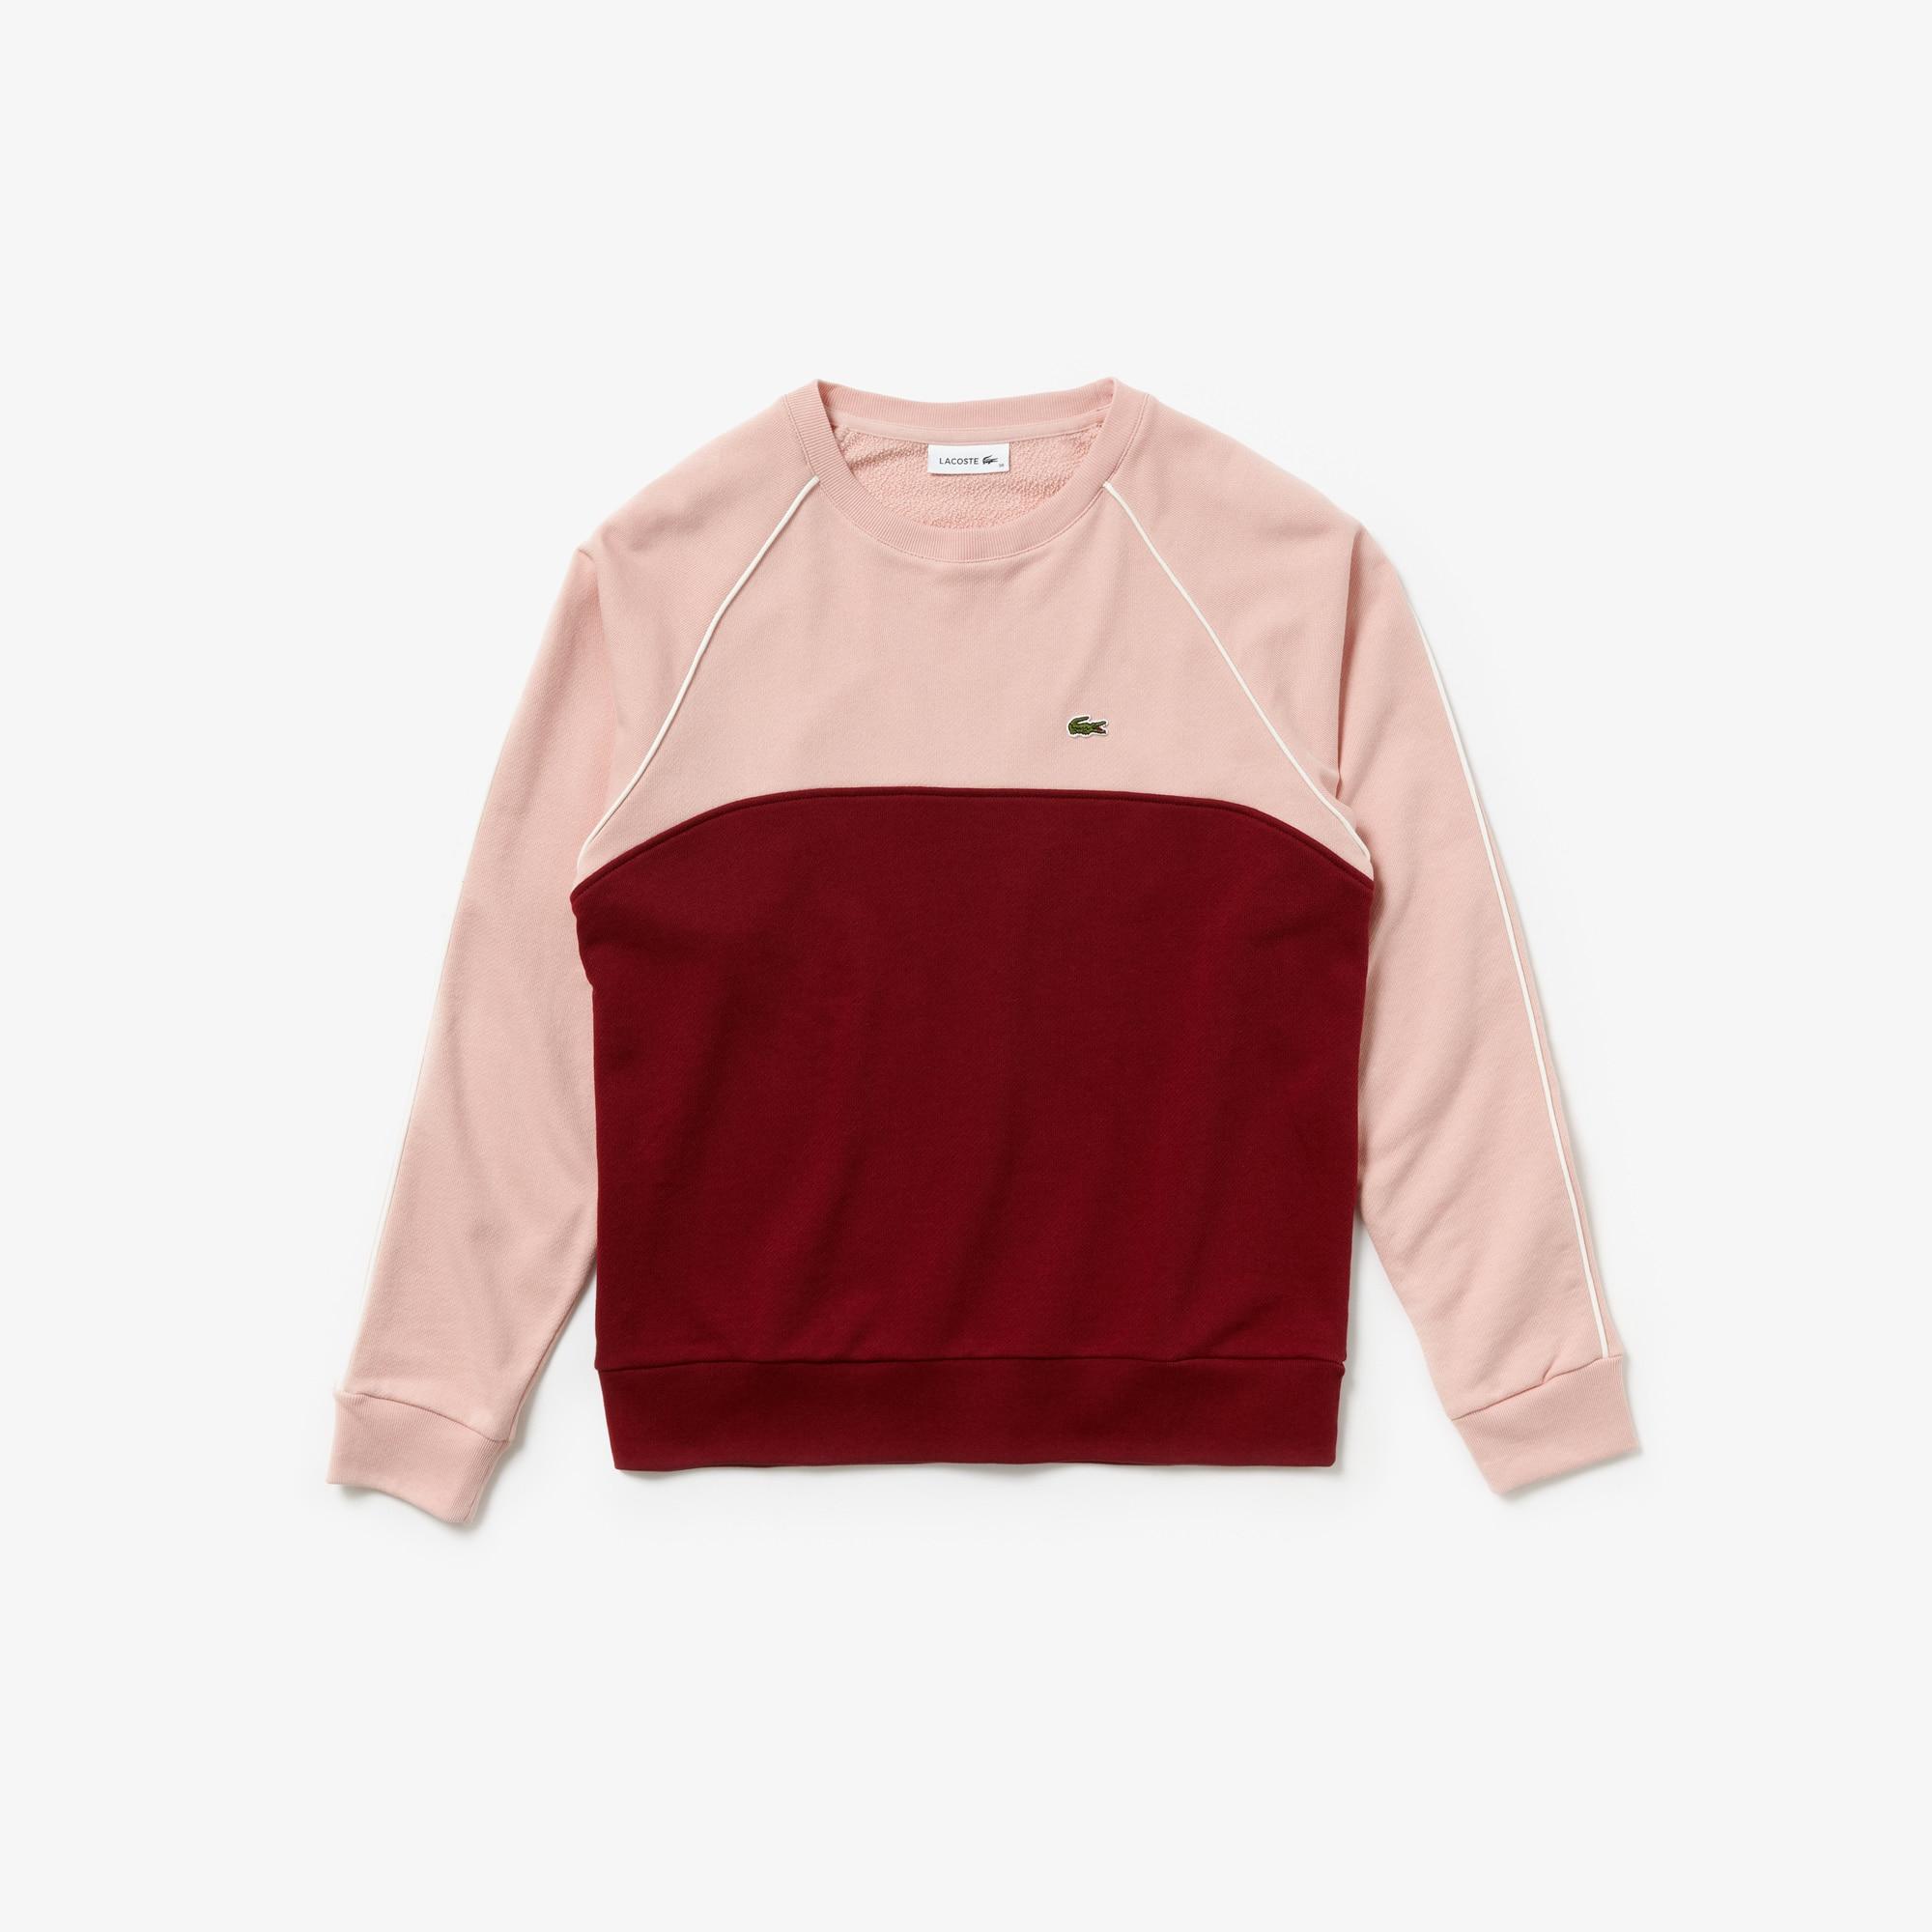 Women's Crew Neck Fleece Sweatshirt